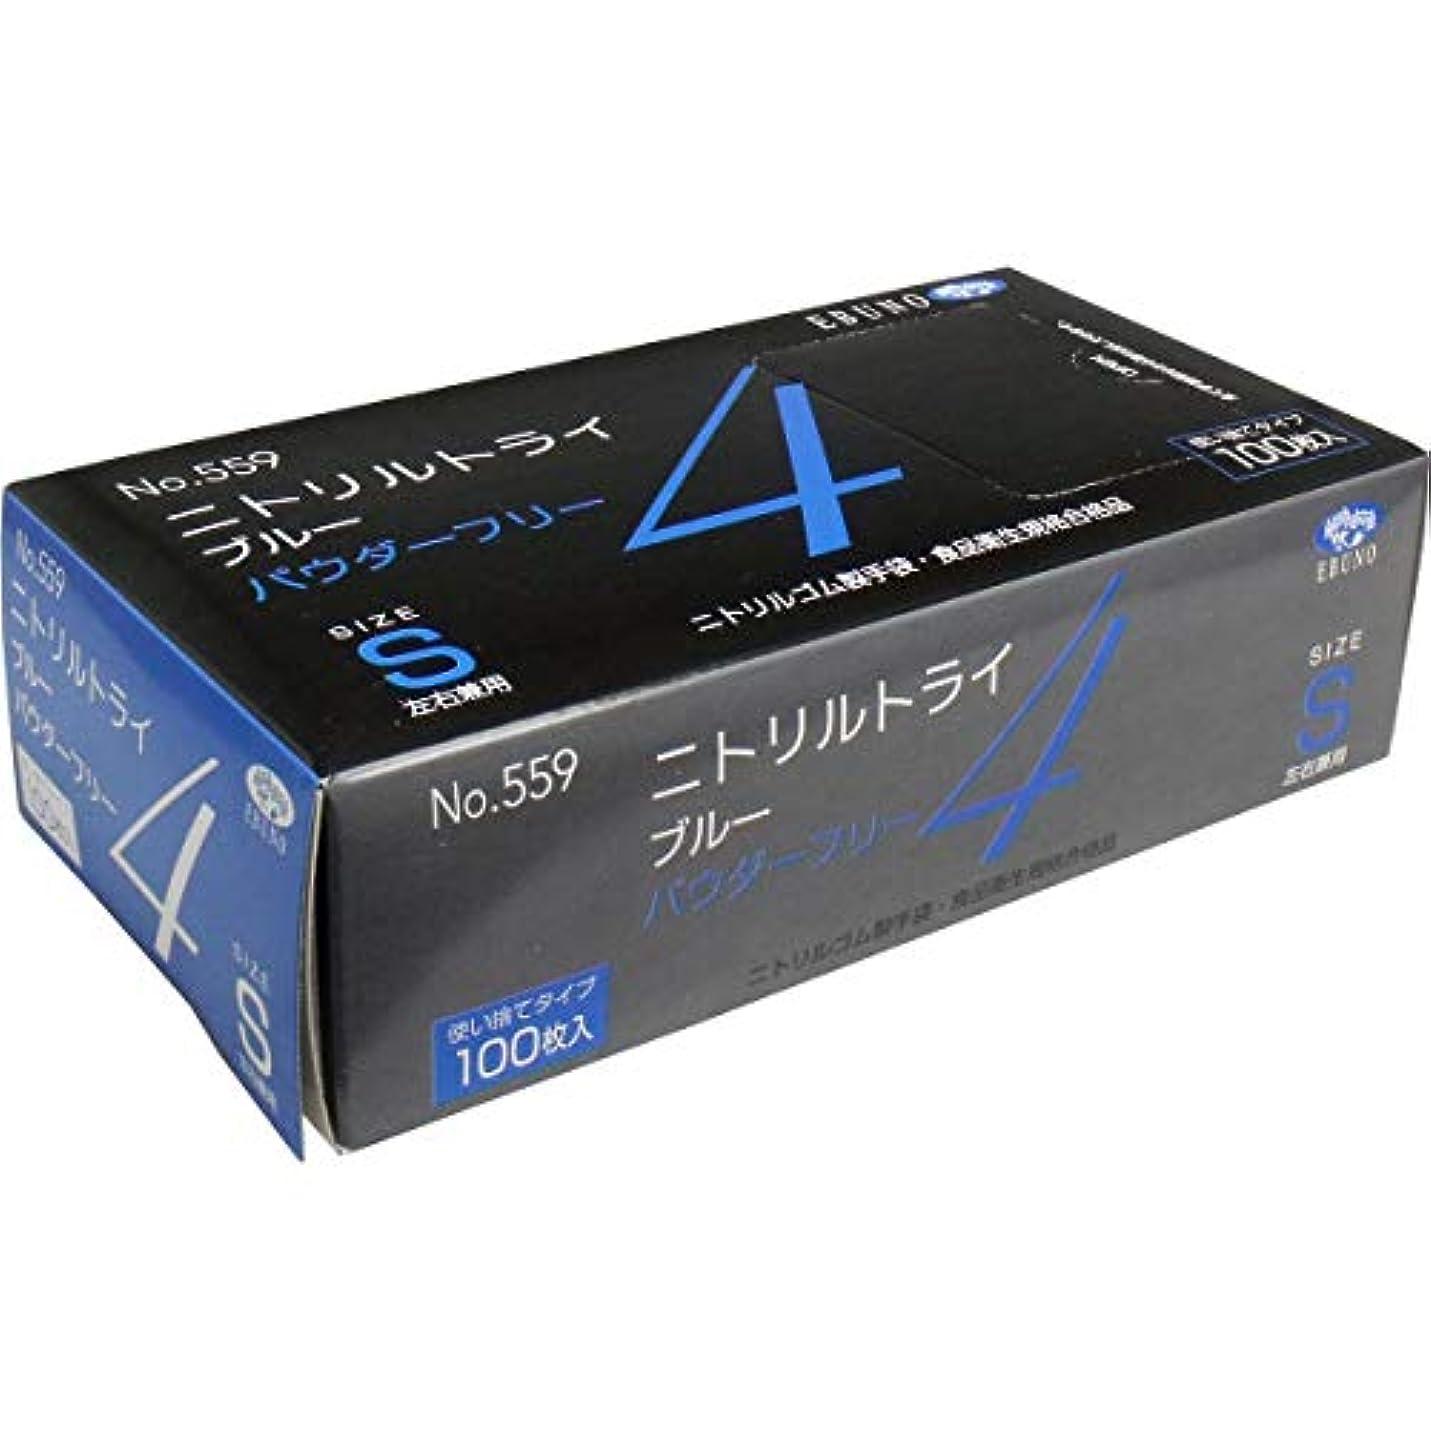 ドライ後世黒くするニトリルトライ4 手袋 ブルー パウダーフリー Sサイズ 100枚入×10個セット